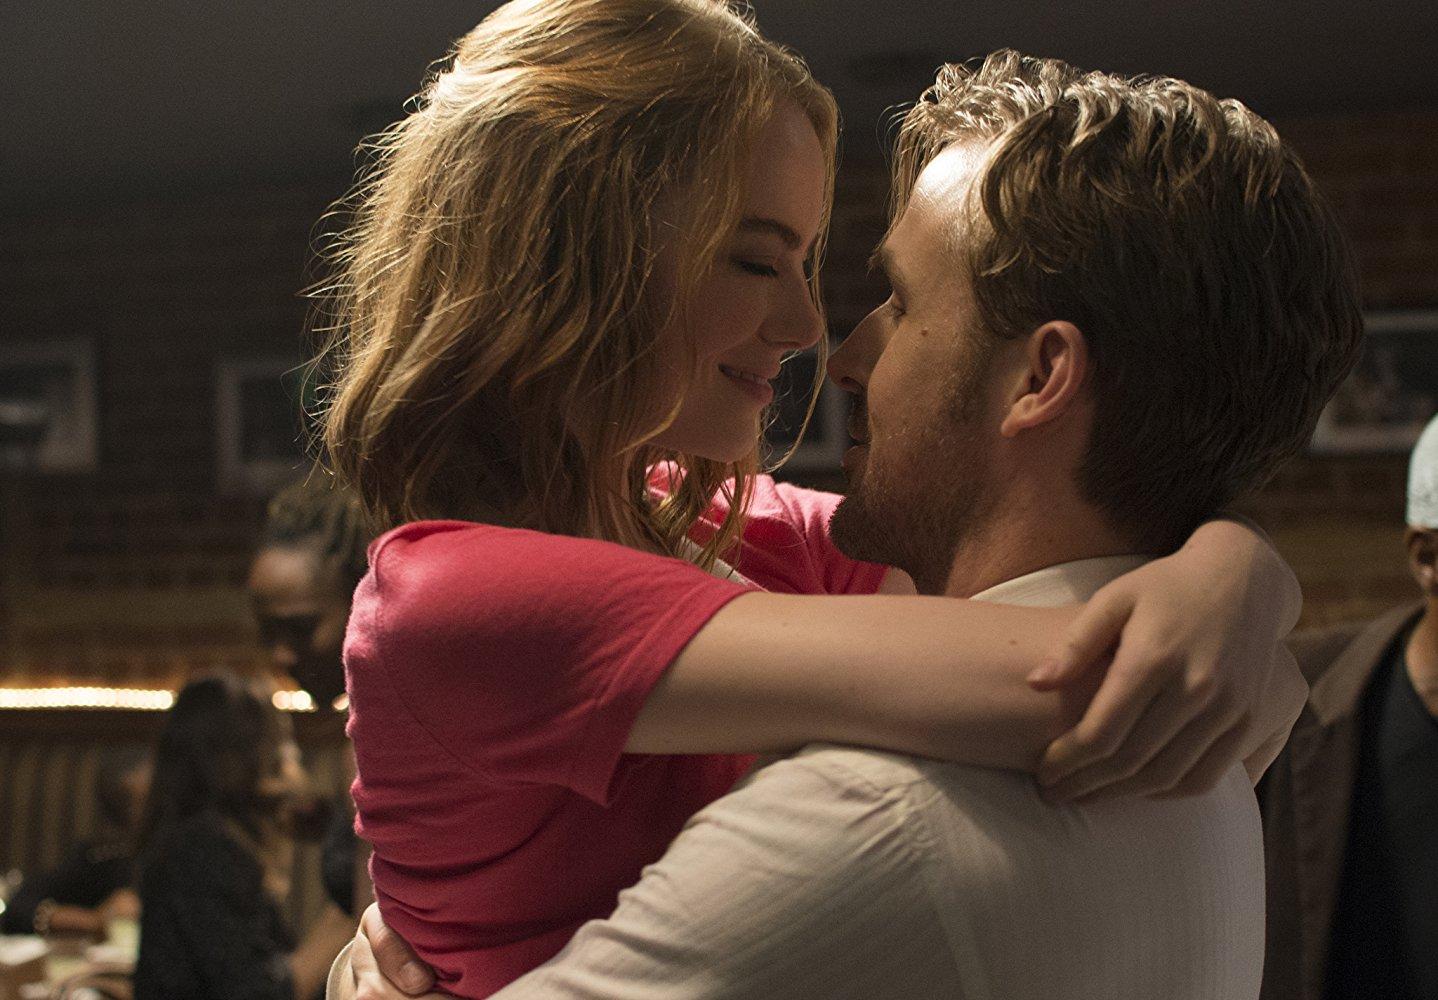 cinema-top-meilleures-comedies-romantiques-bouleversent-le-genre-la-la-land